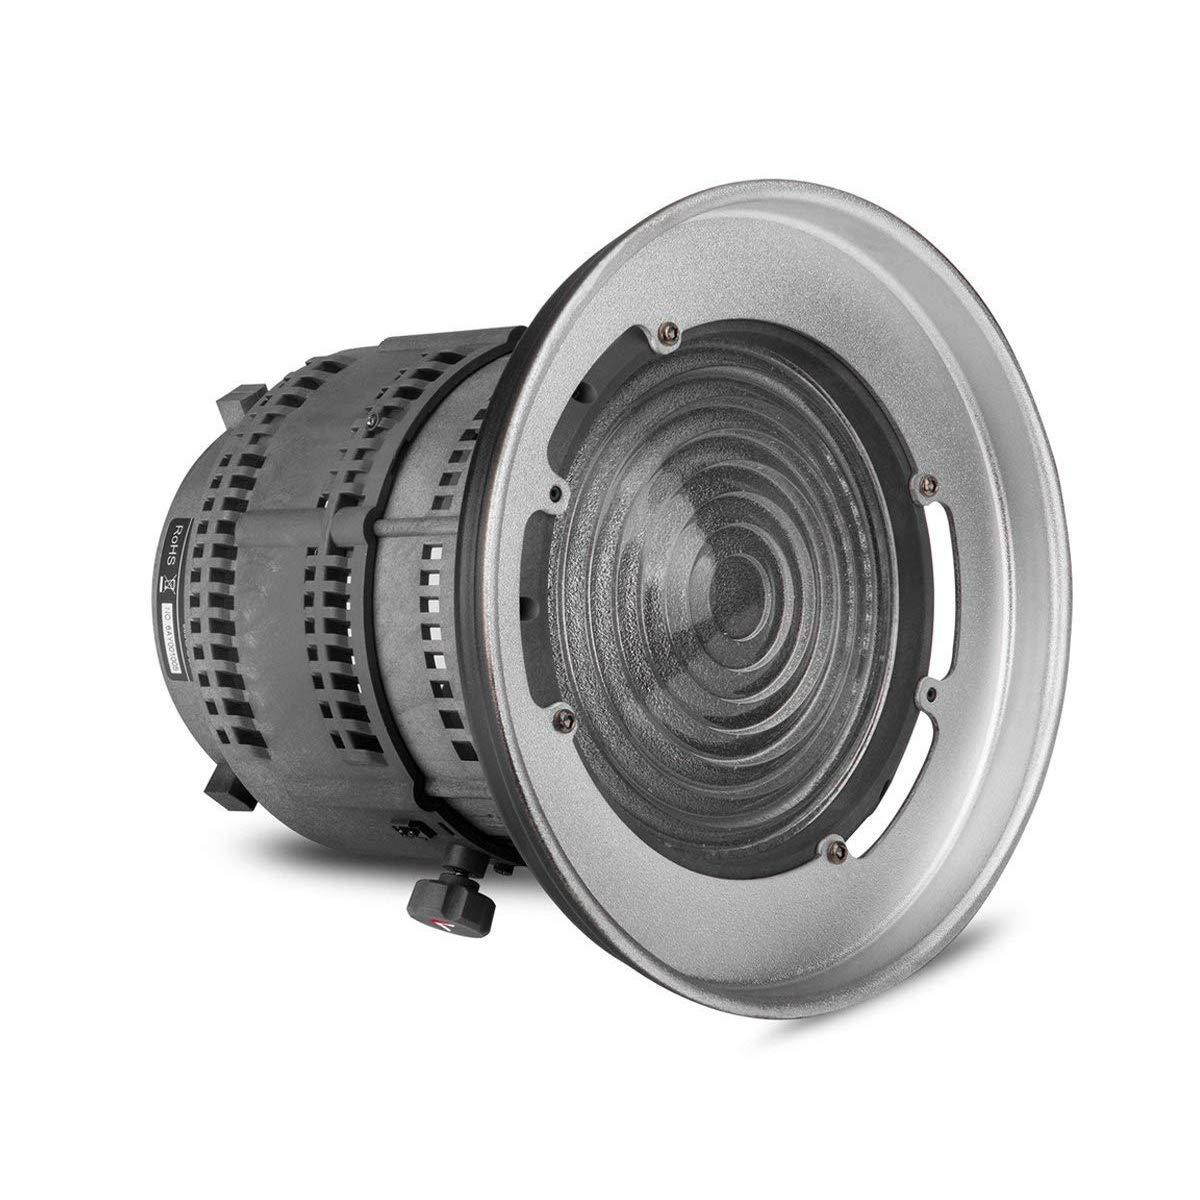 Best Rated in Lighting Barn Doors & Helpful Customer Reviews